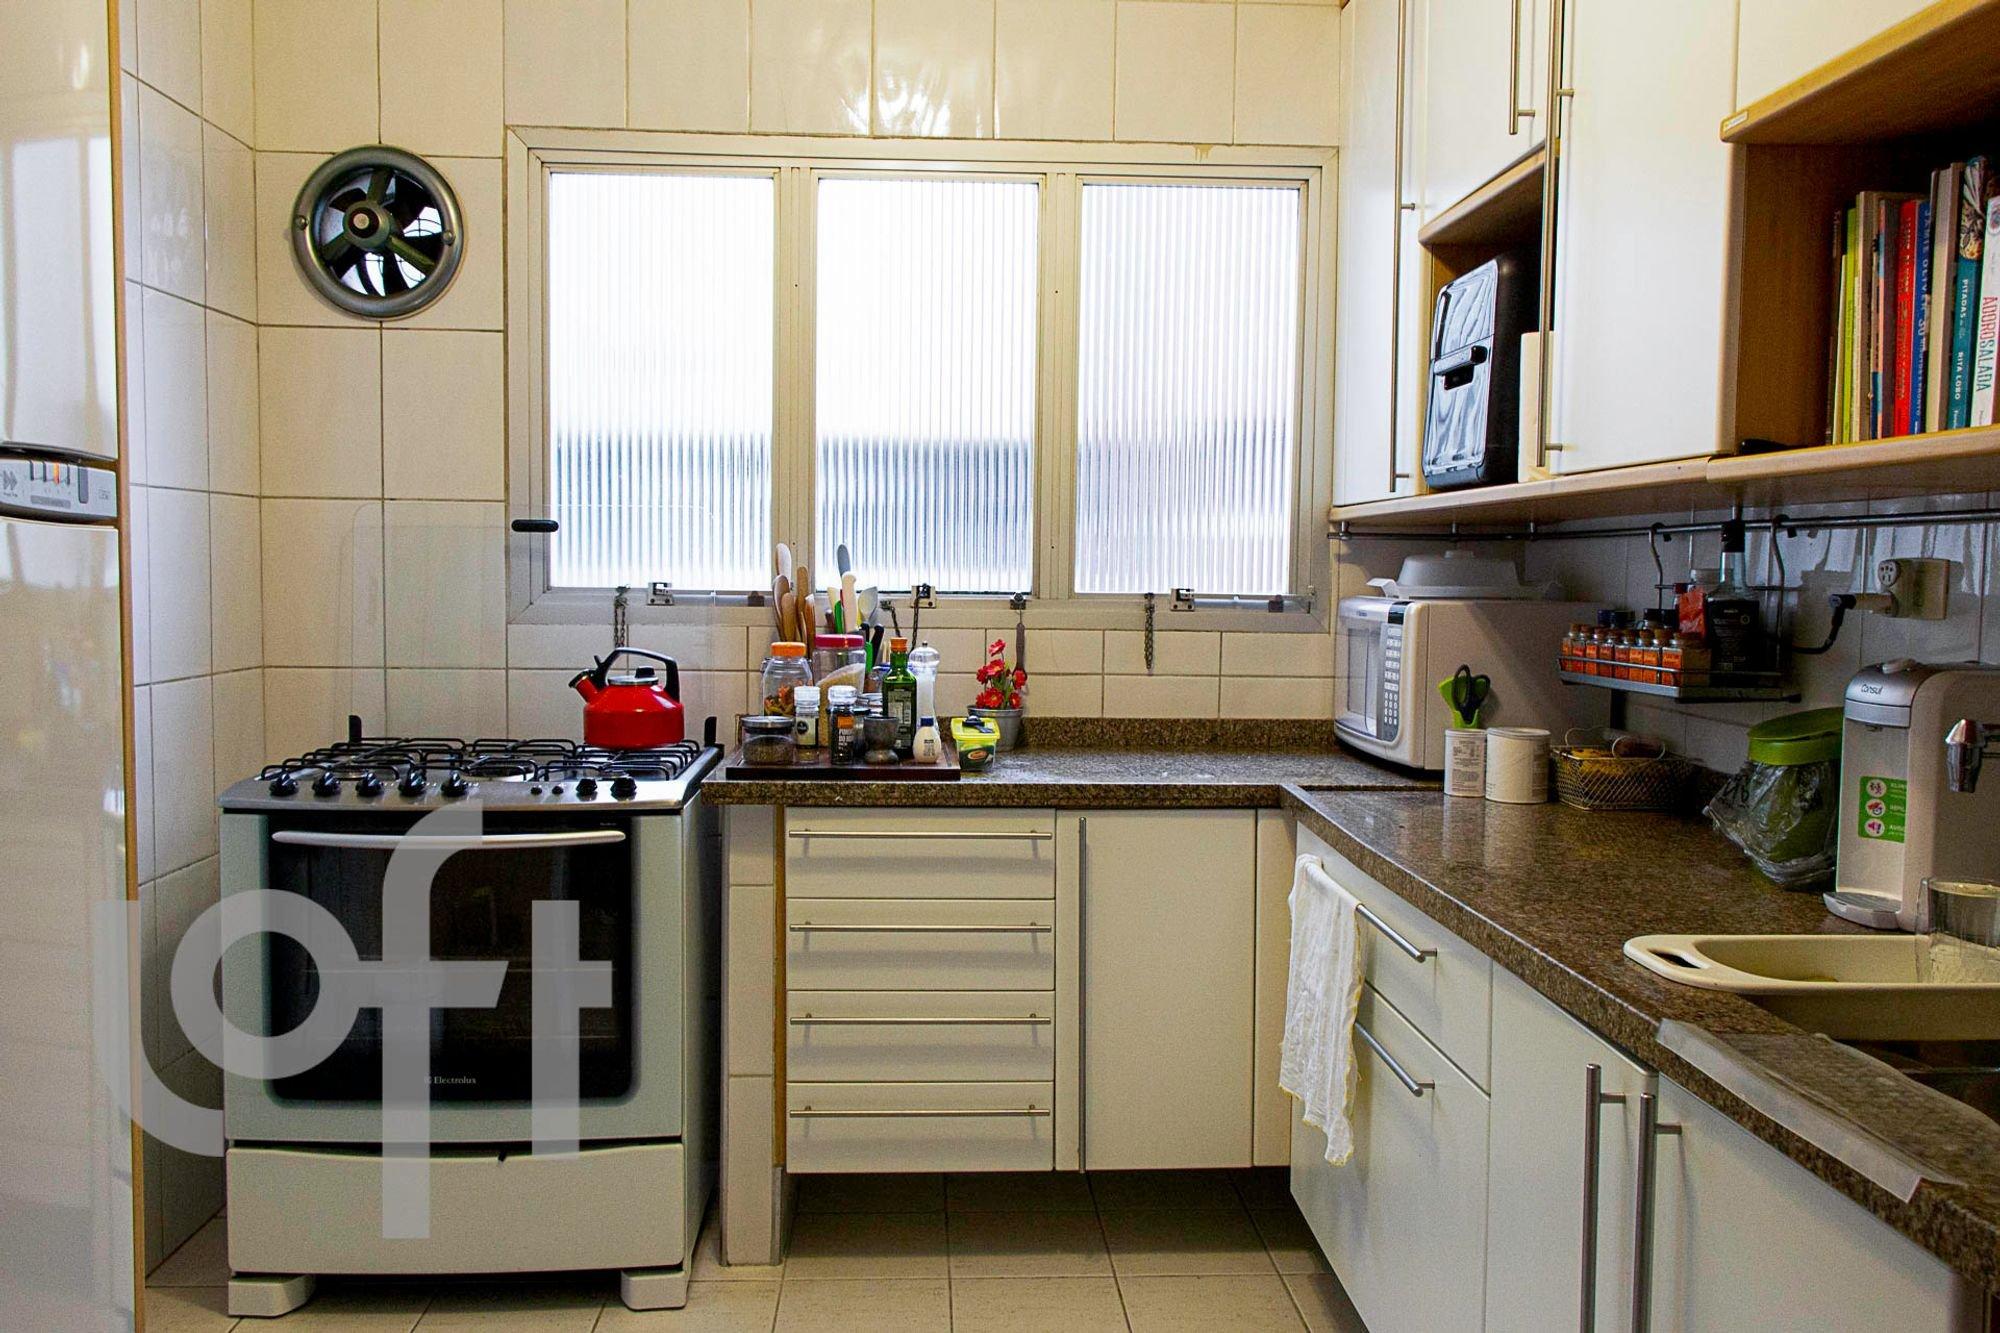 Foto de Cozinha com vaso de planta, garrafa, forno, microondas